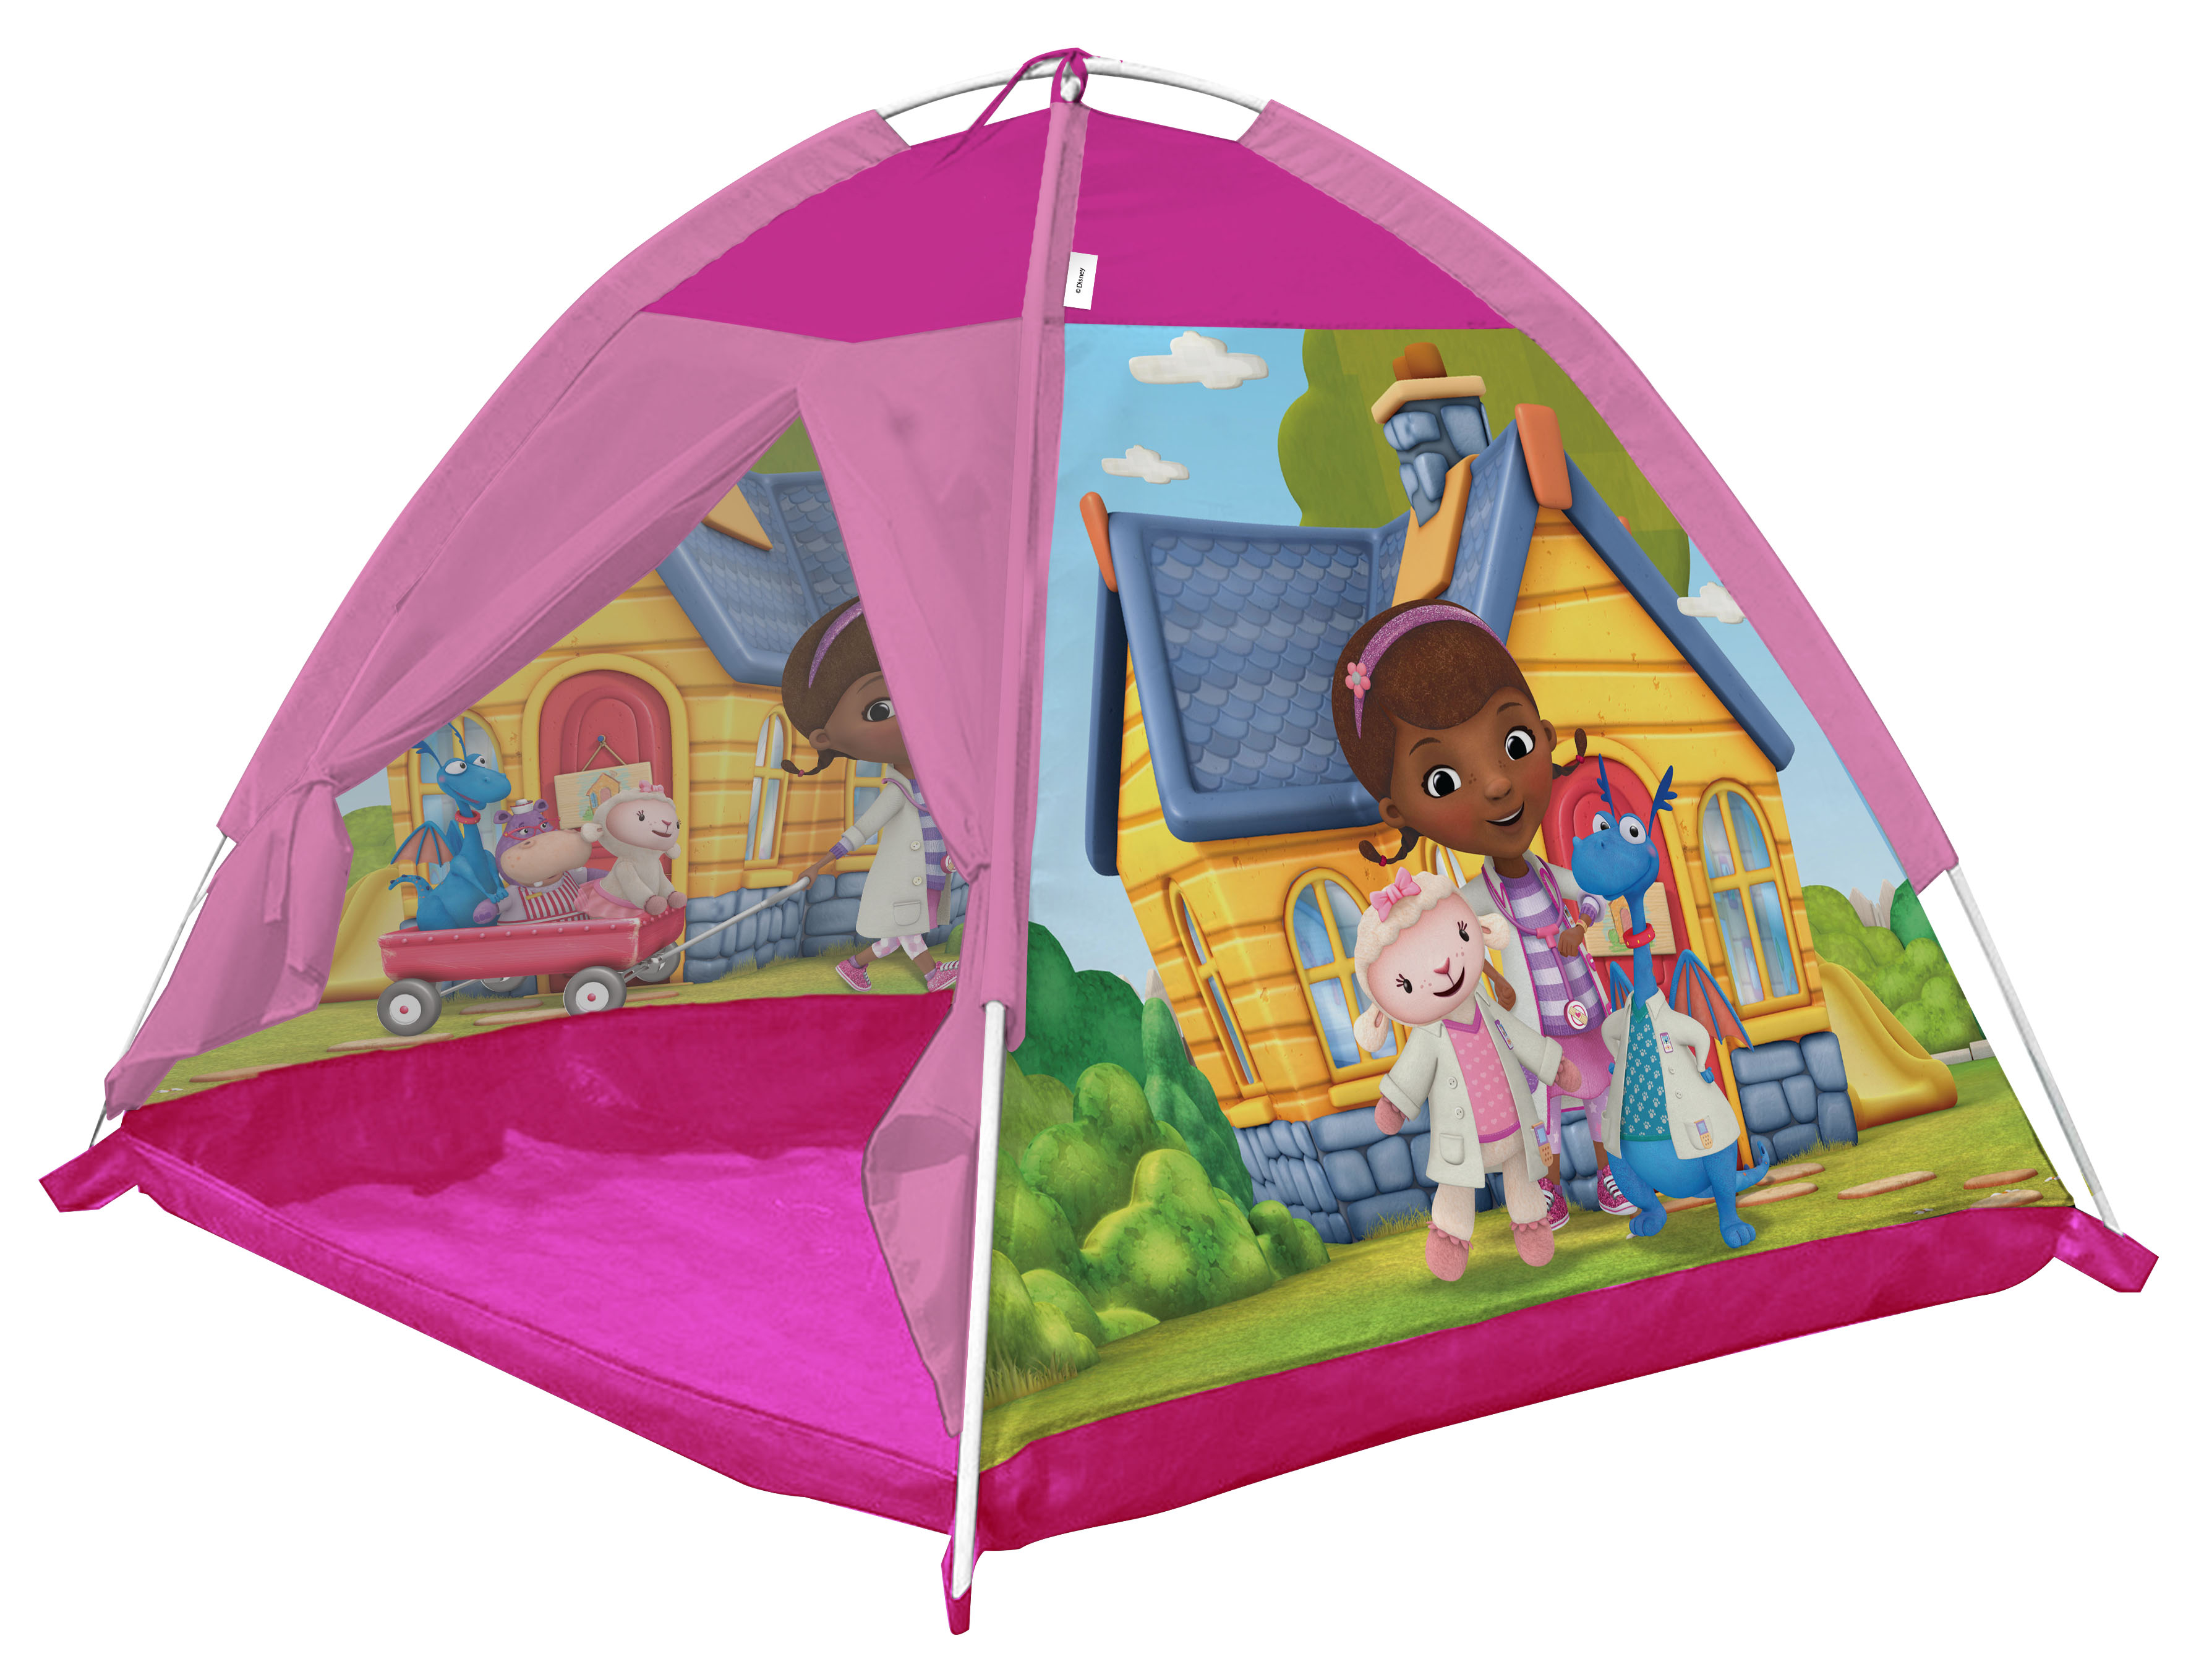 Игровые палатки ЯиГрушка Палатка игровая ЯиГрушка «Доктор Плюшева» 112х112х84 см игровые палатки миньоны палатка игровая minions миньоны